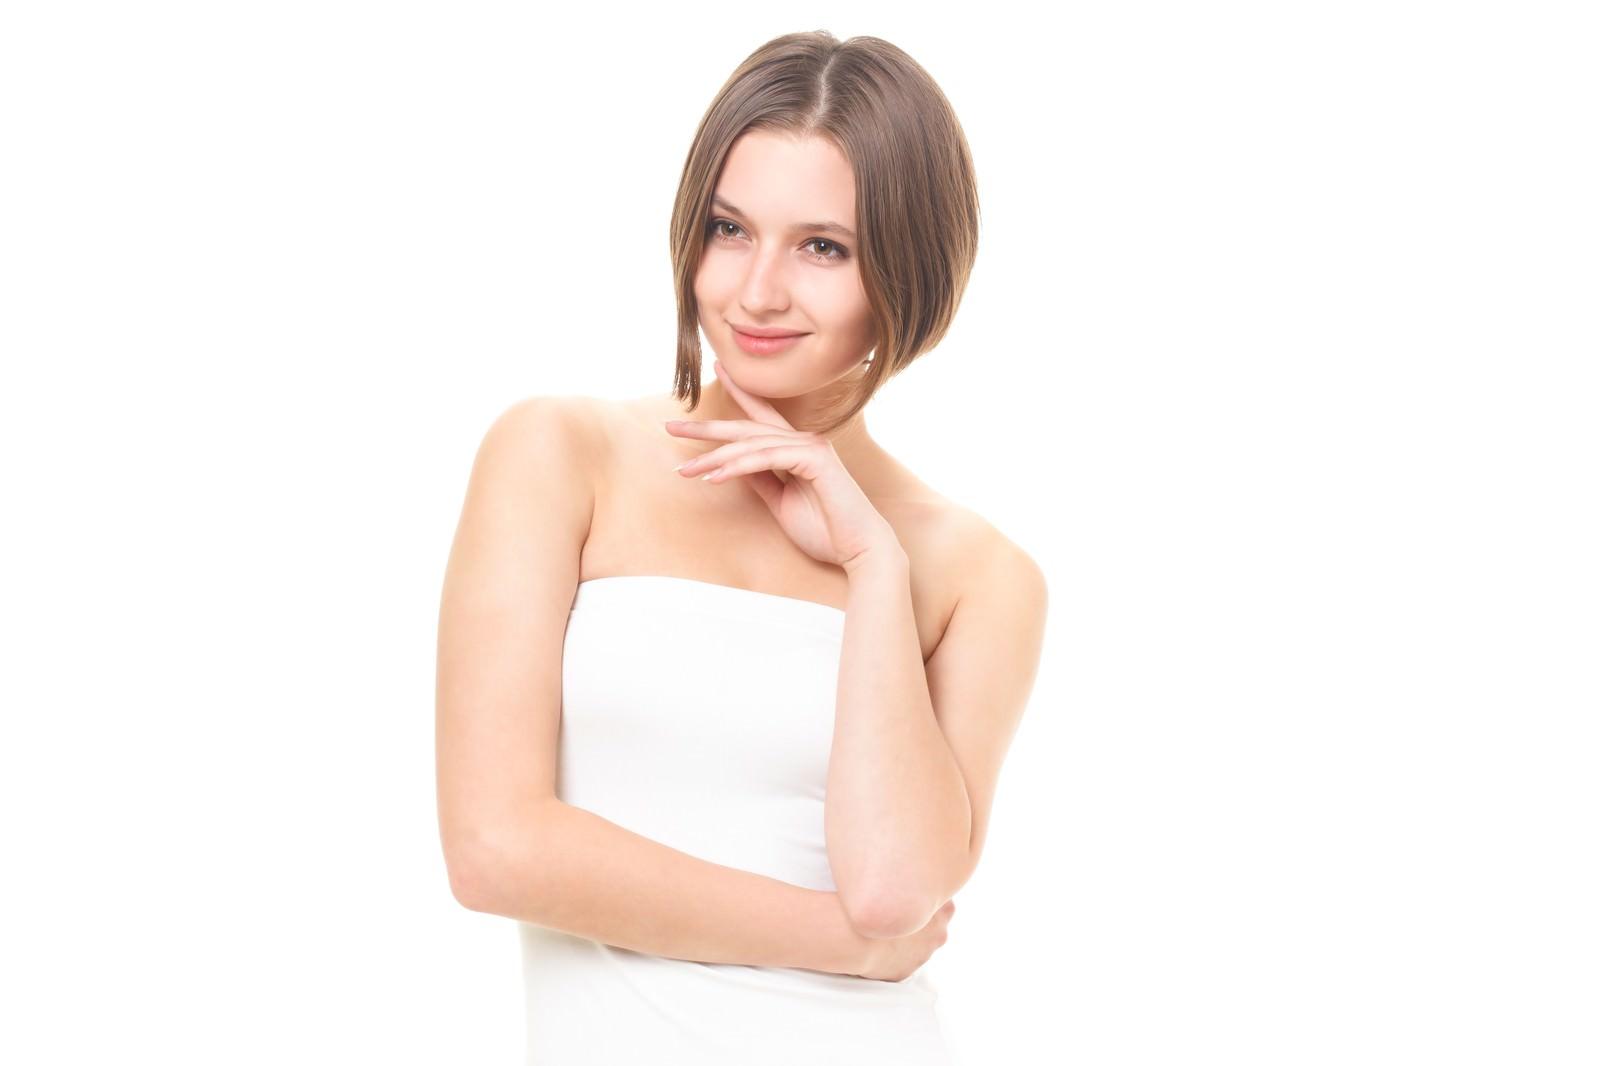 「美しくなる秘訣を話すロシア人女性」の写真[モデル:モデルファクトリー]